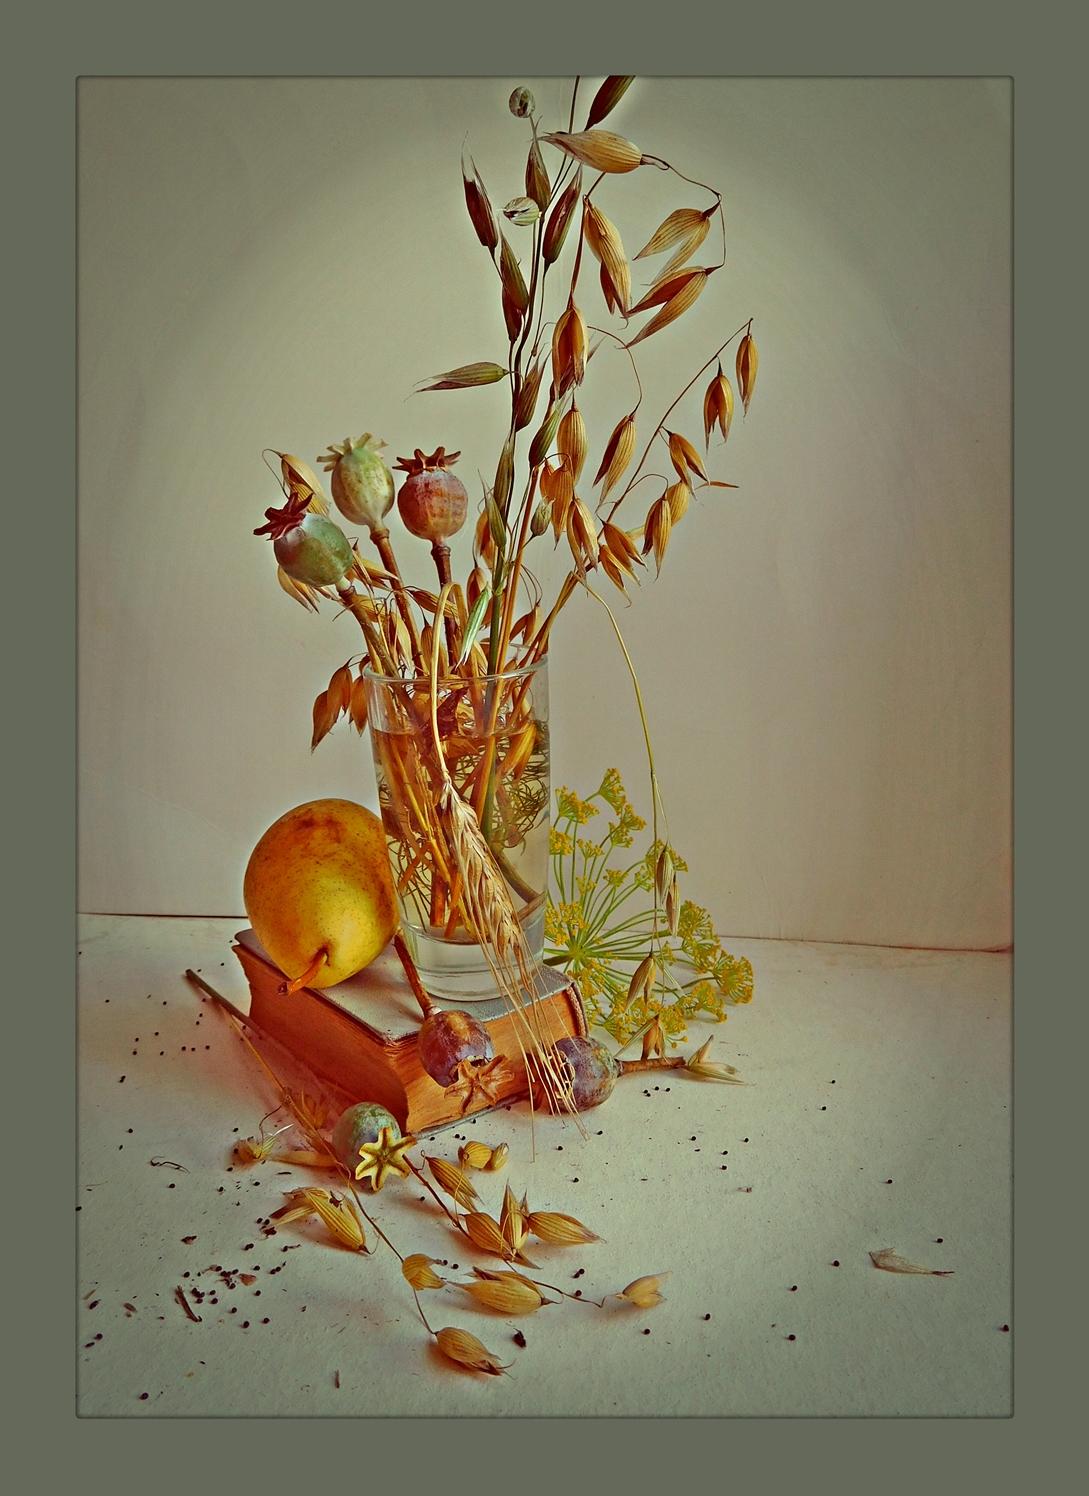 букетик собранный ранней осенью